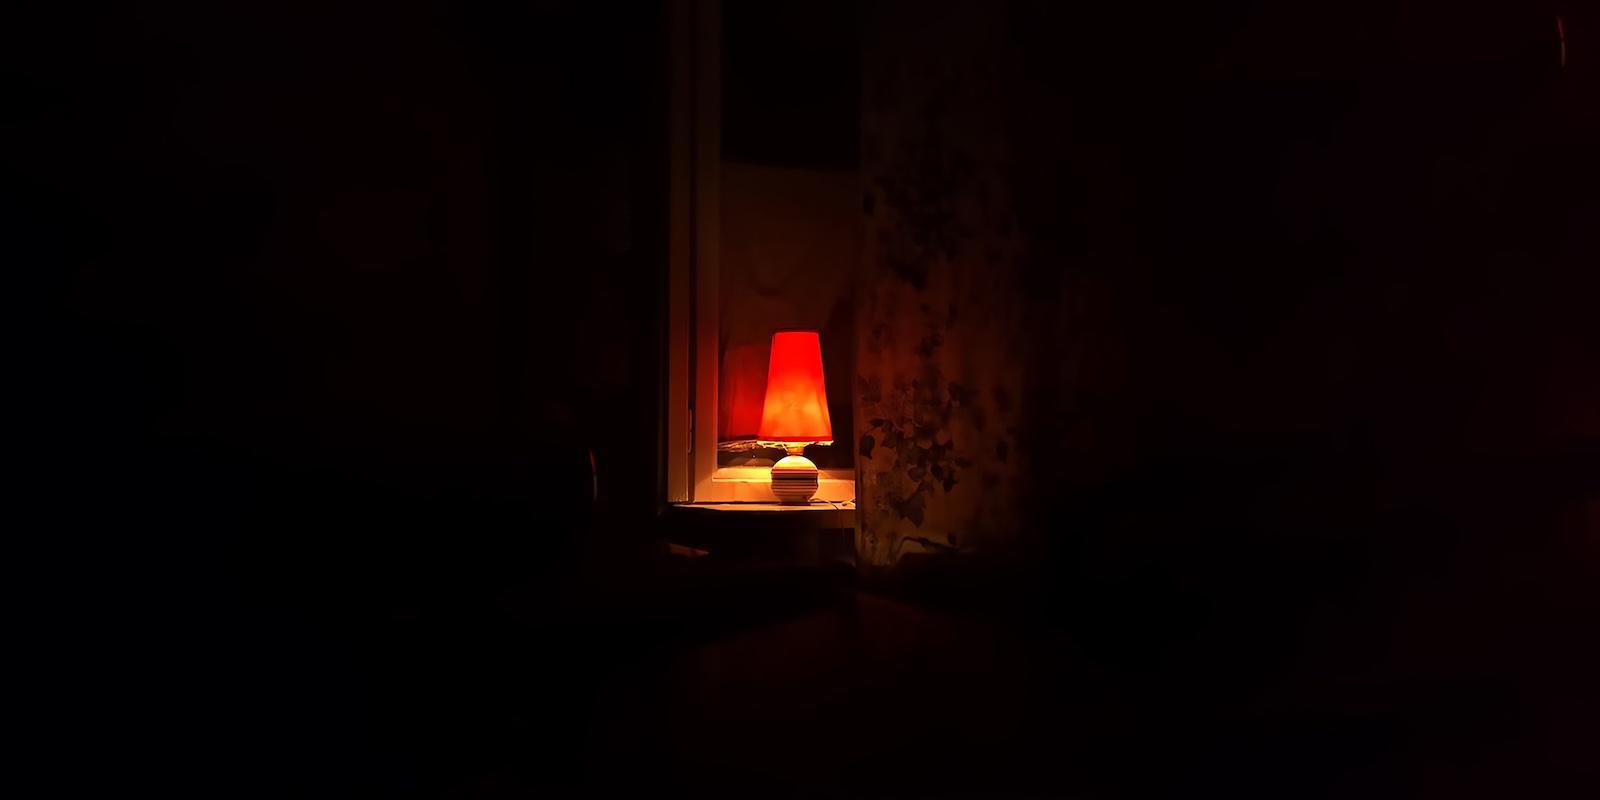 Pobyt ve tmě